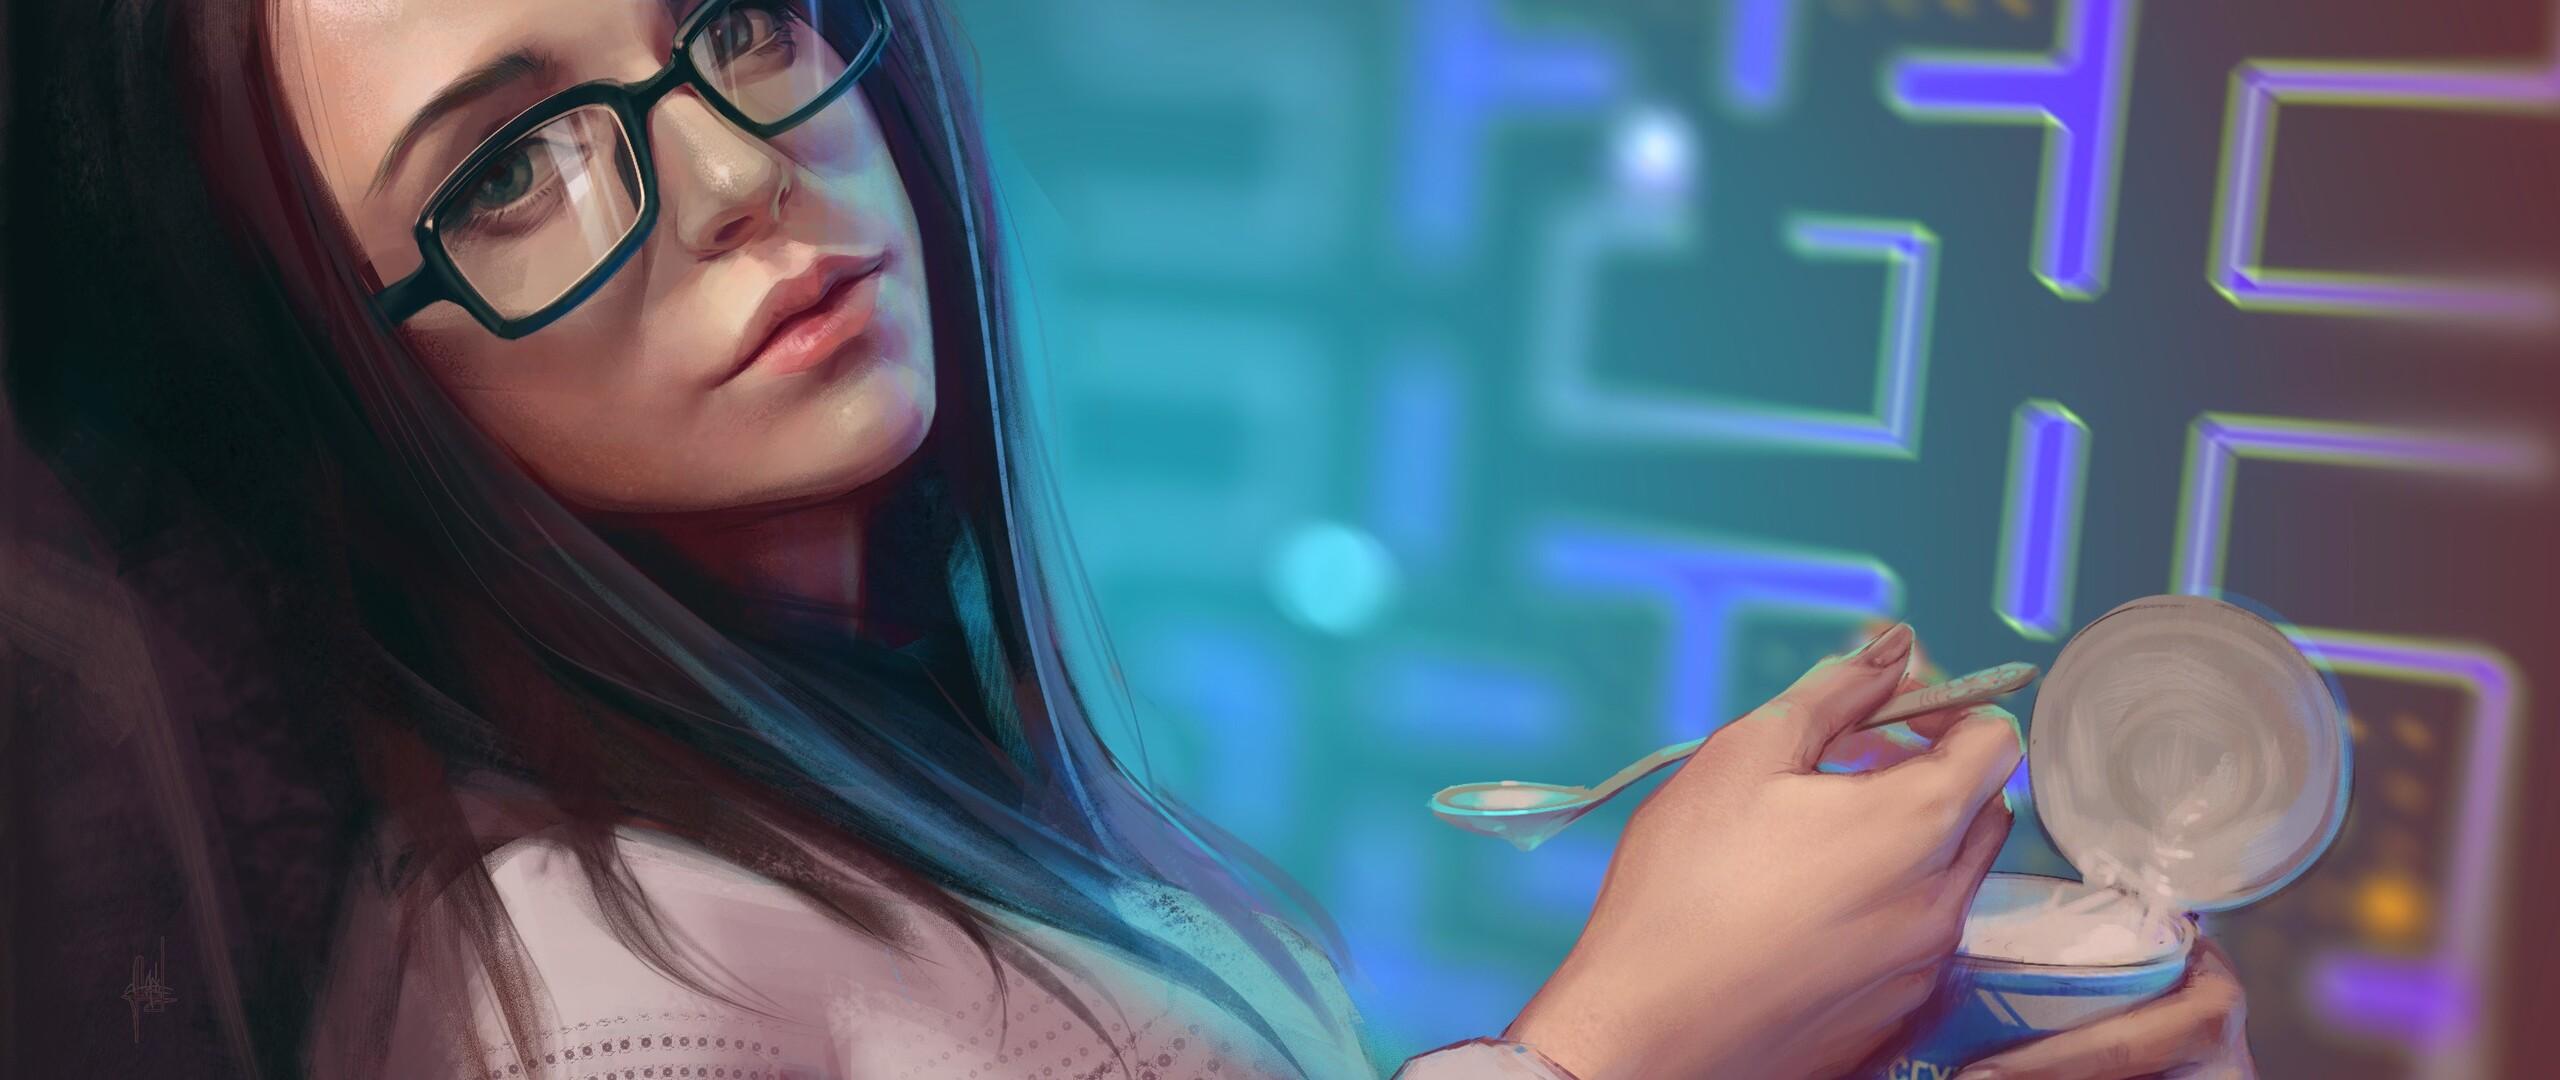 girl-eating-icecream-xp.jpg